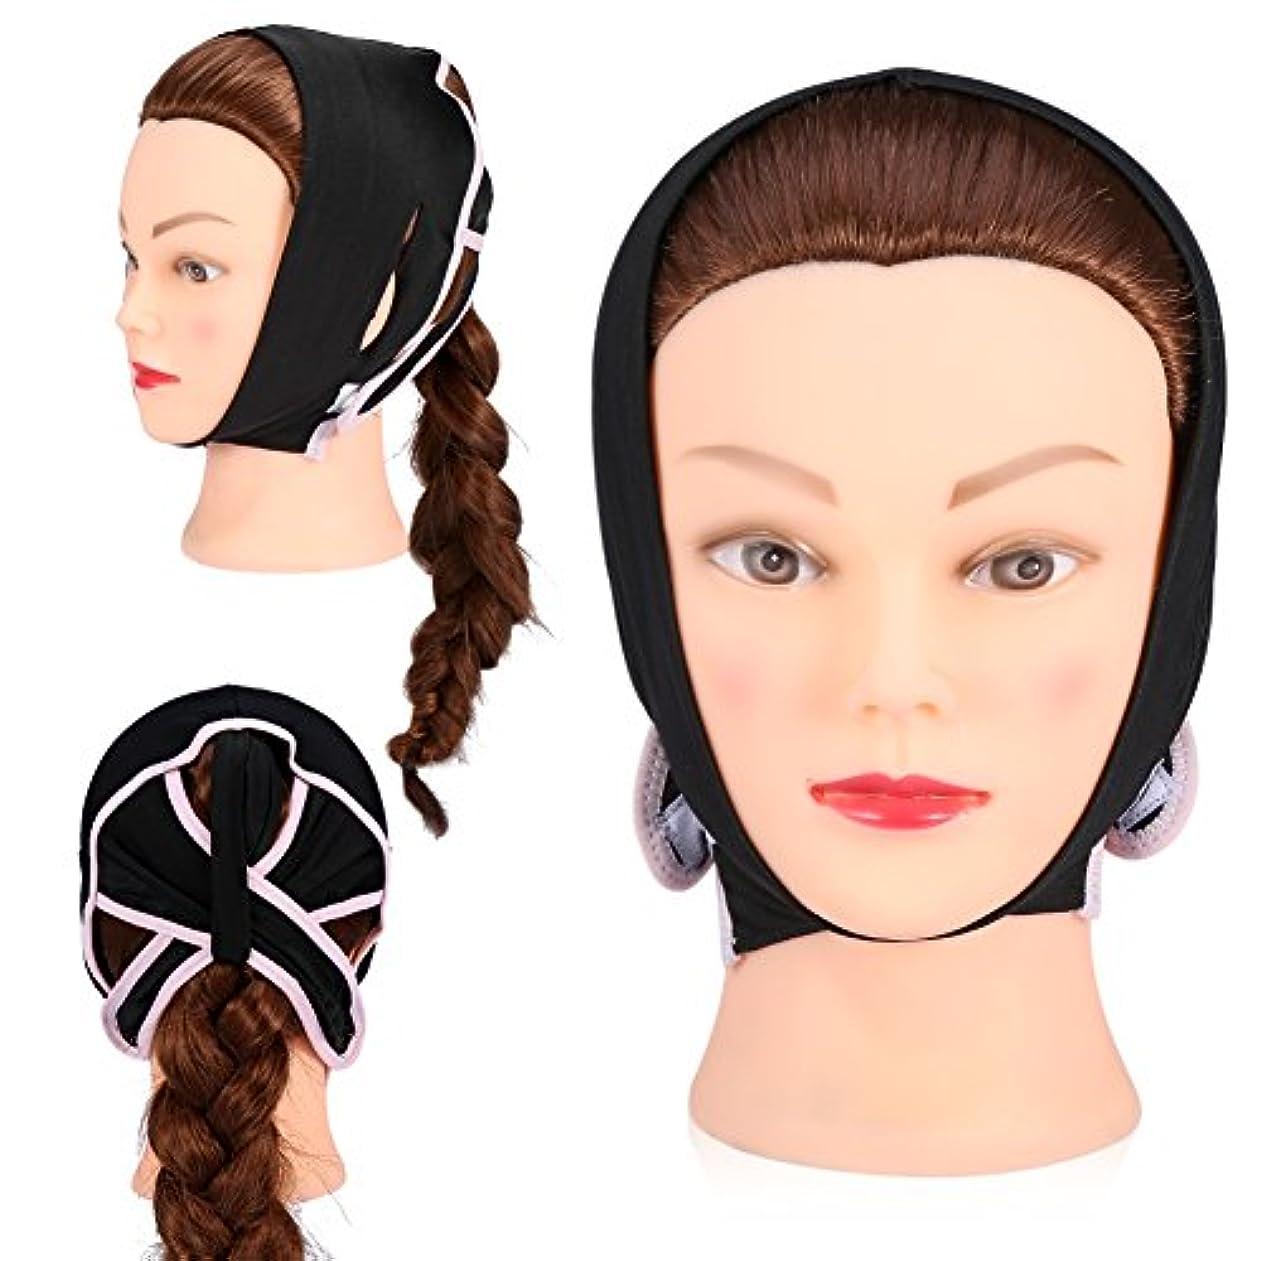 ハンドブックローストあたり顔 輪郭 改善 Vフェイス 美容包帯 首 頬 あご引き締めます(M)